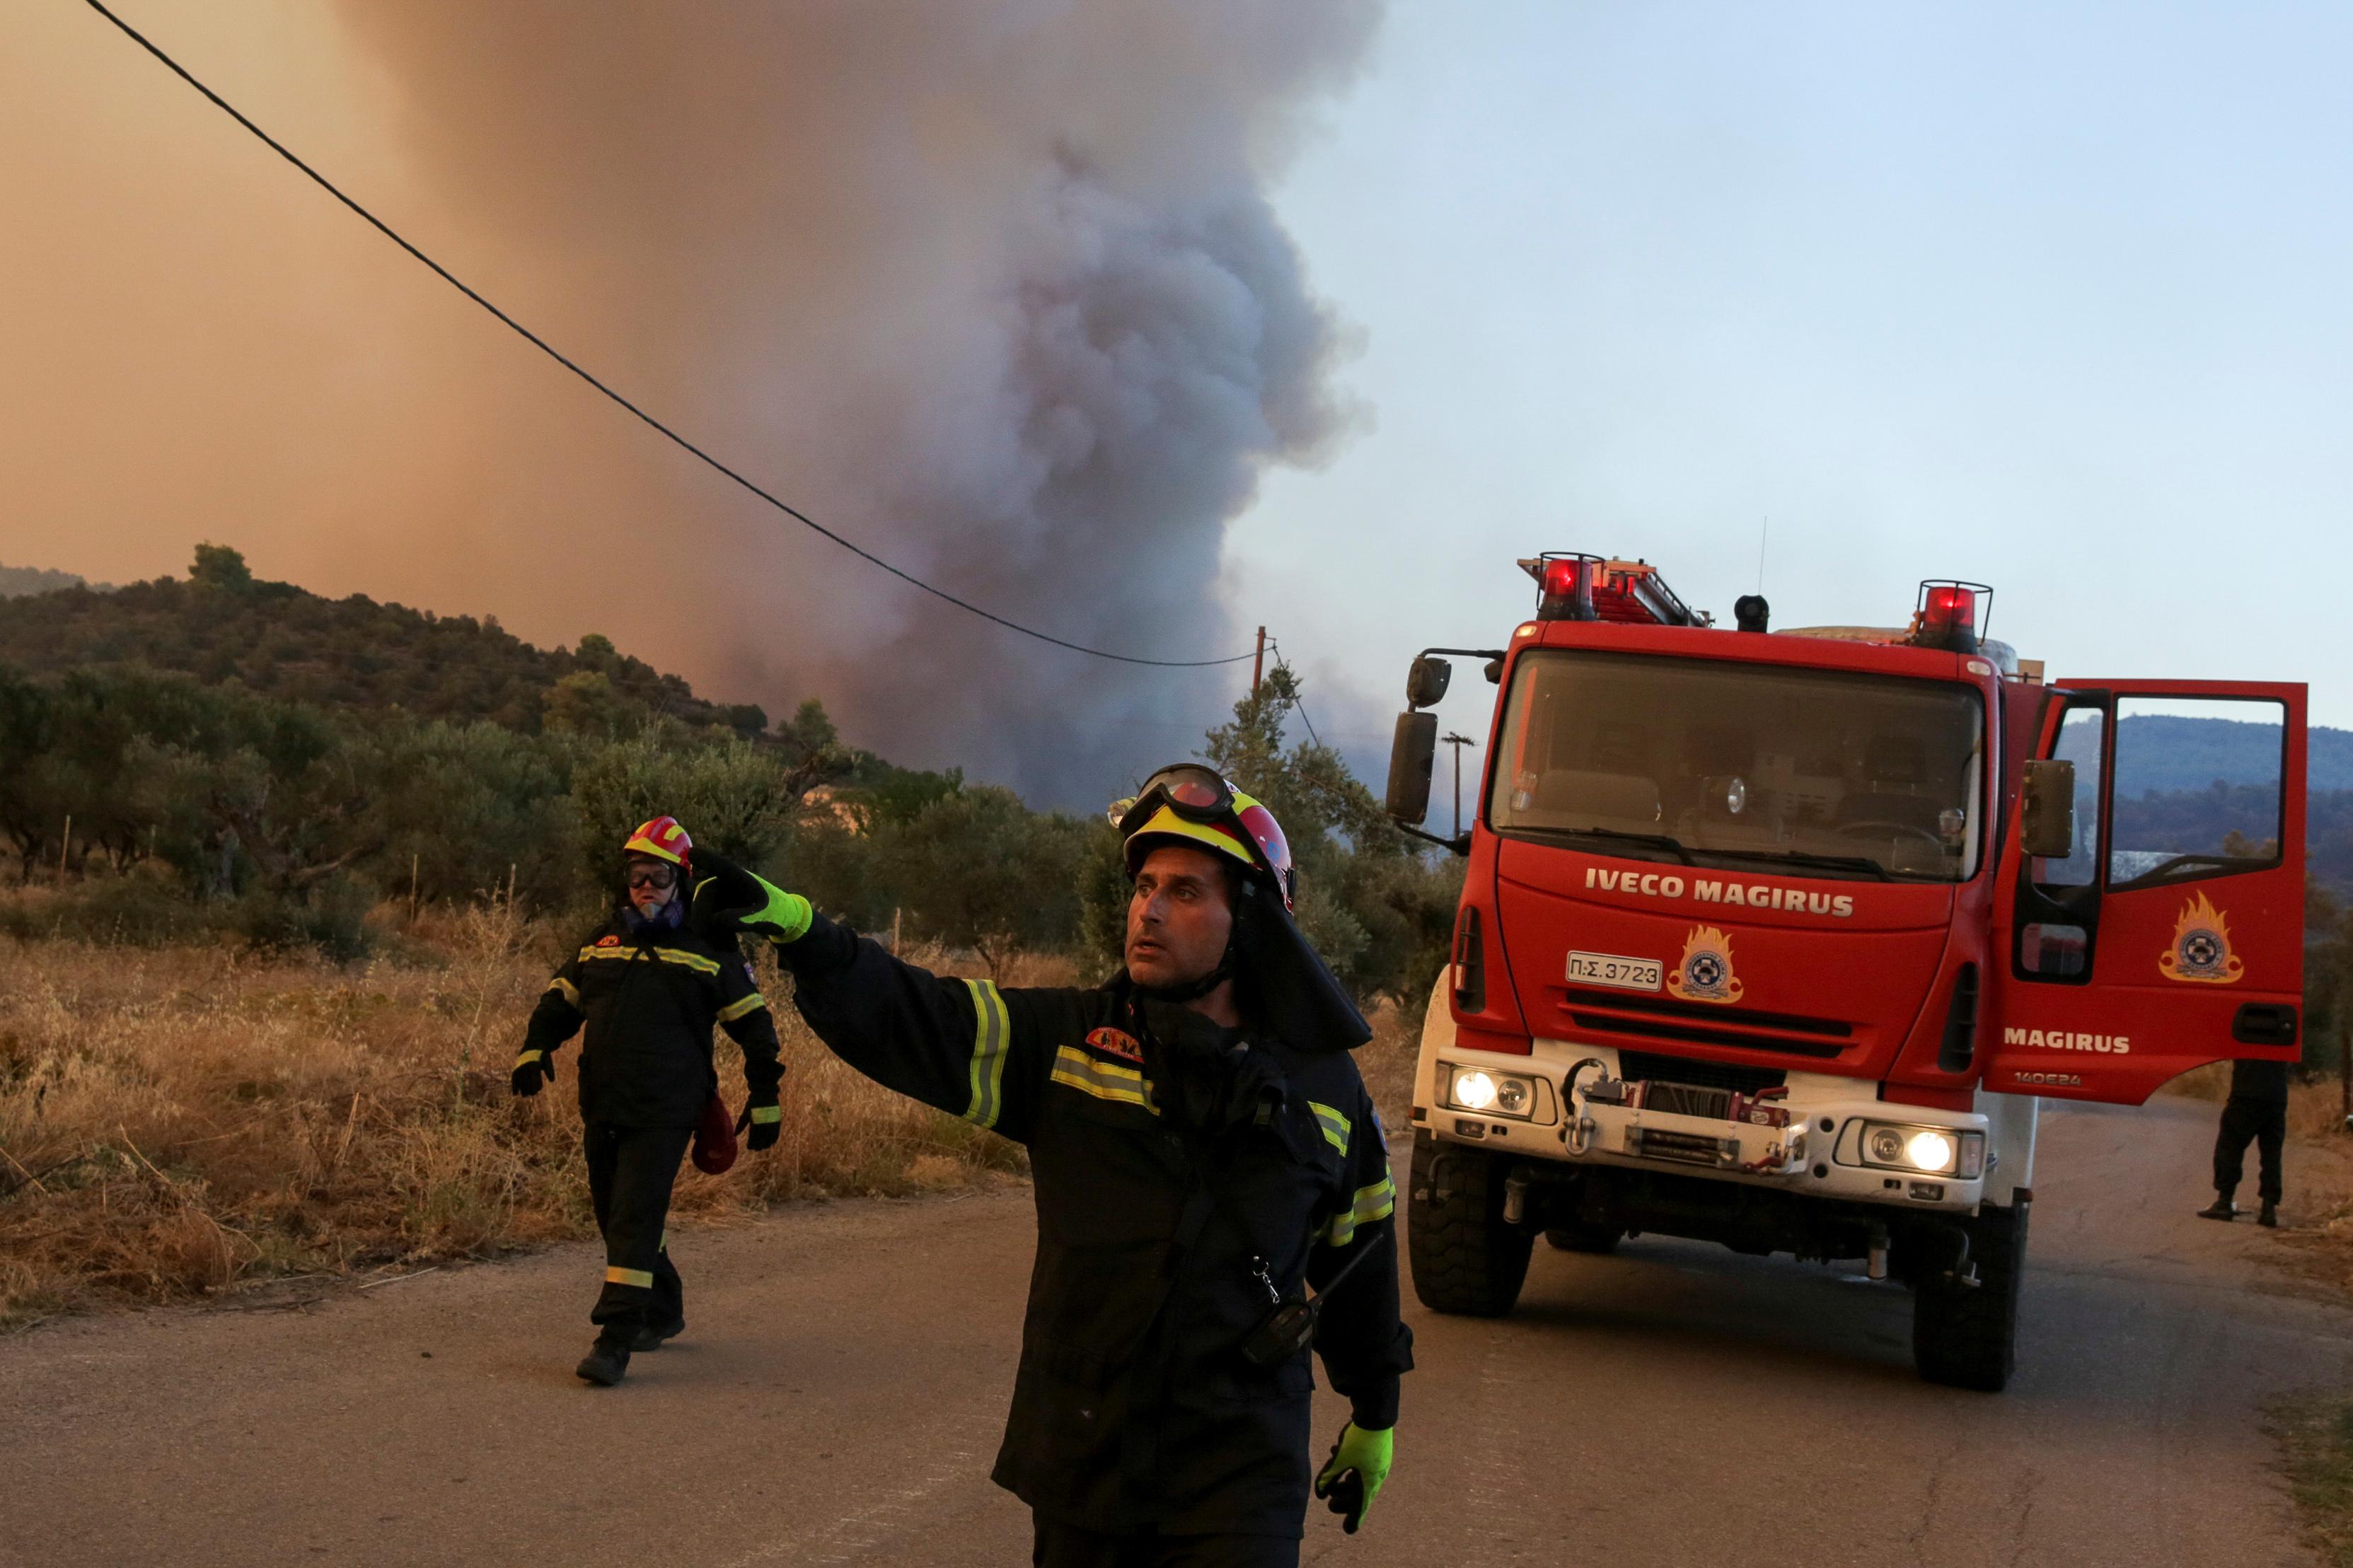 """""""Πέφτουν"""" οι άνεμοι, άρχισαν οι ρίψεις για να περιοριστεί η φωτιά στην Εύβοια – Δεν κινδυνεύουν οικισμοί, δεν κάηκαν σπίτια"""